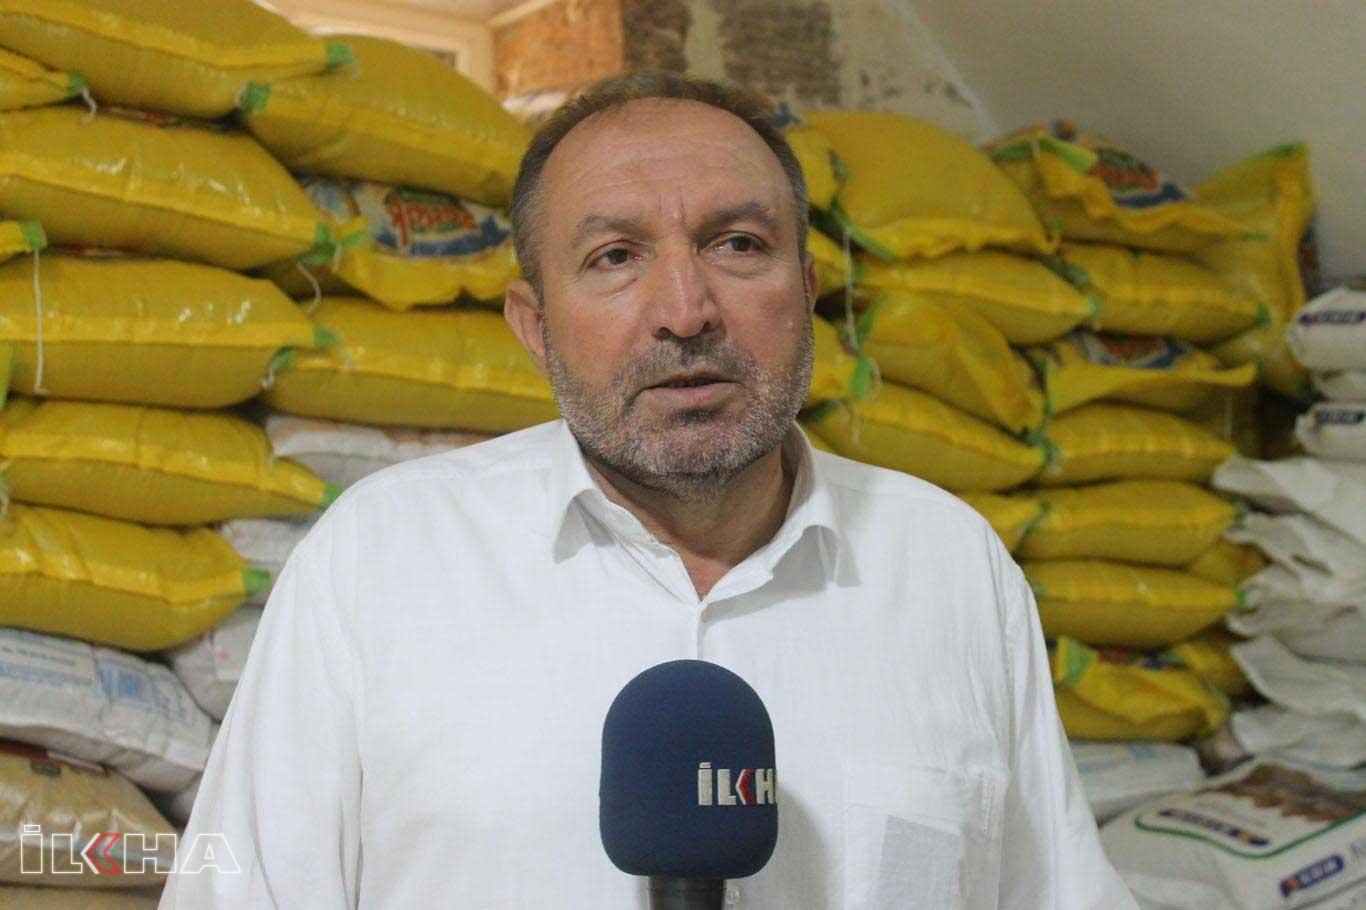 Şanlıurfanın tanınmış alimlerinden Vaiz Abdulaziz Kutluayın Covid-19 testi pozitif çıktı